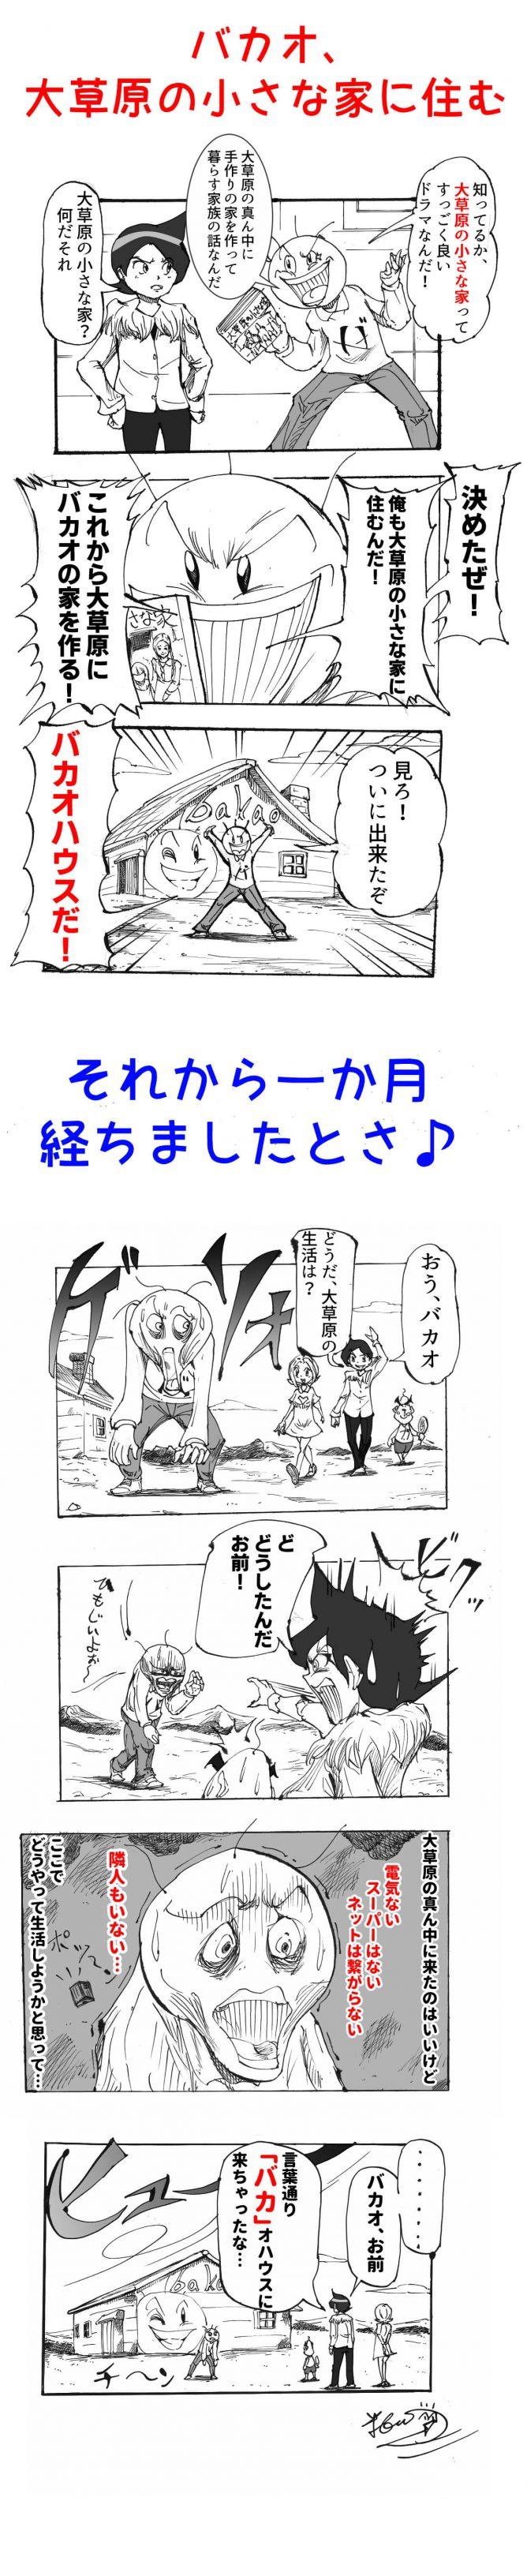 バカオ 大草原の小さな家 7コマ漫画